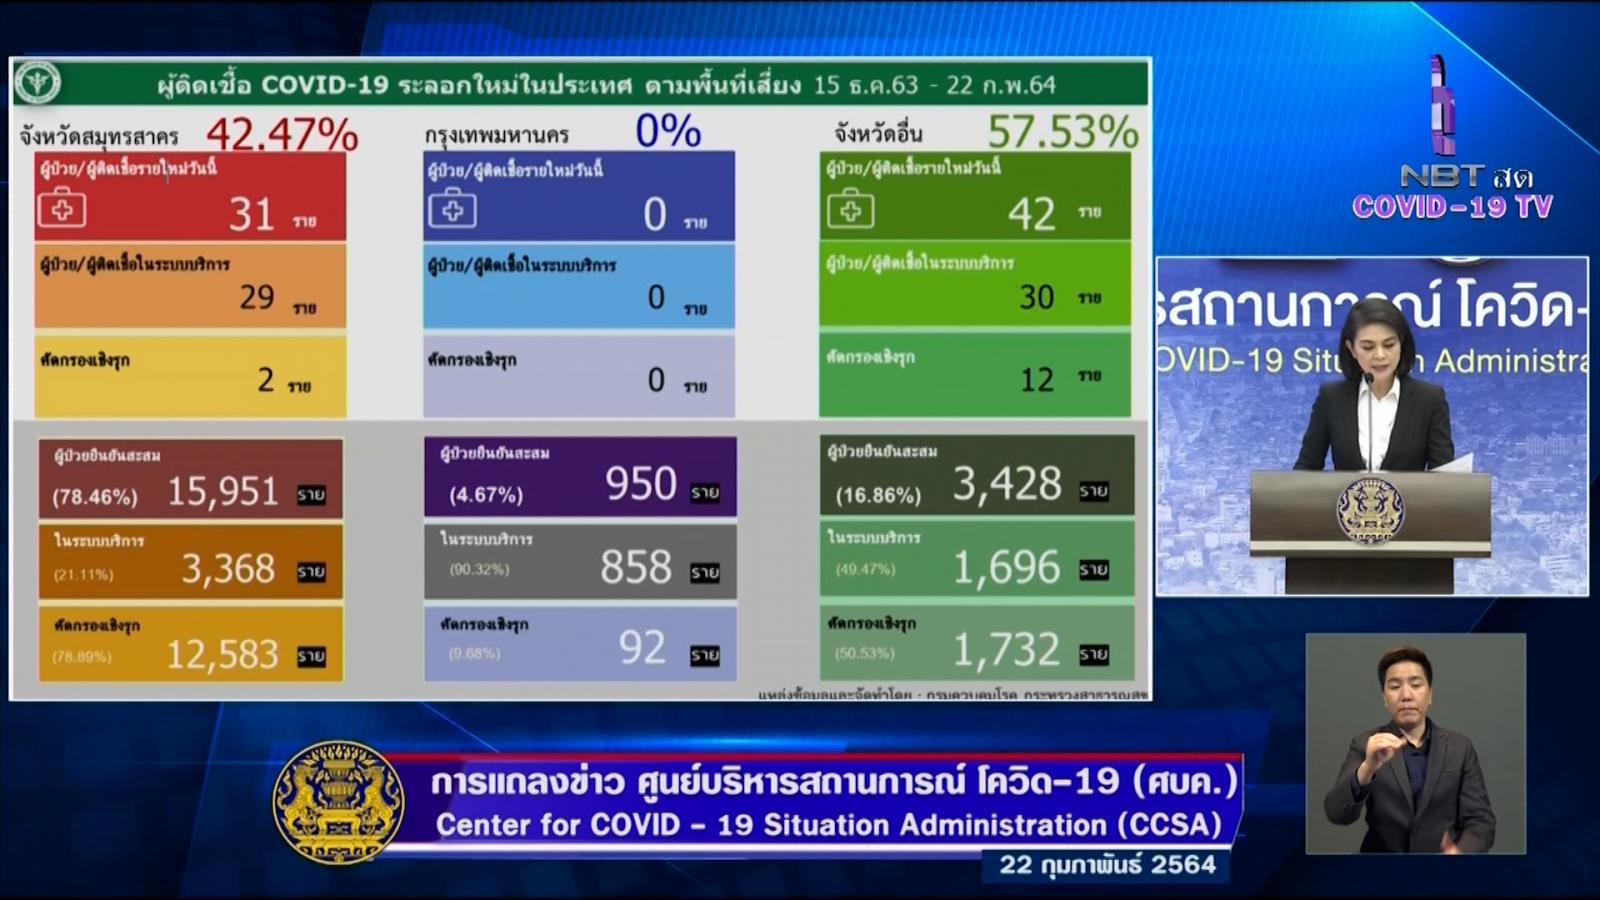 89 รายใหม่ ผู้ติดเชื้อโควิด-19 ติดเชื้อในประเทศ 73 ราย